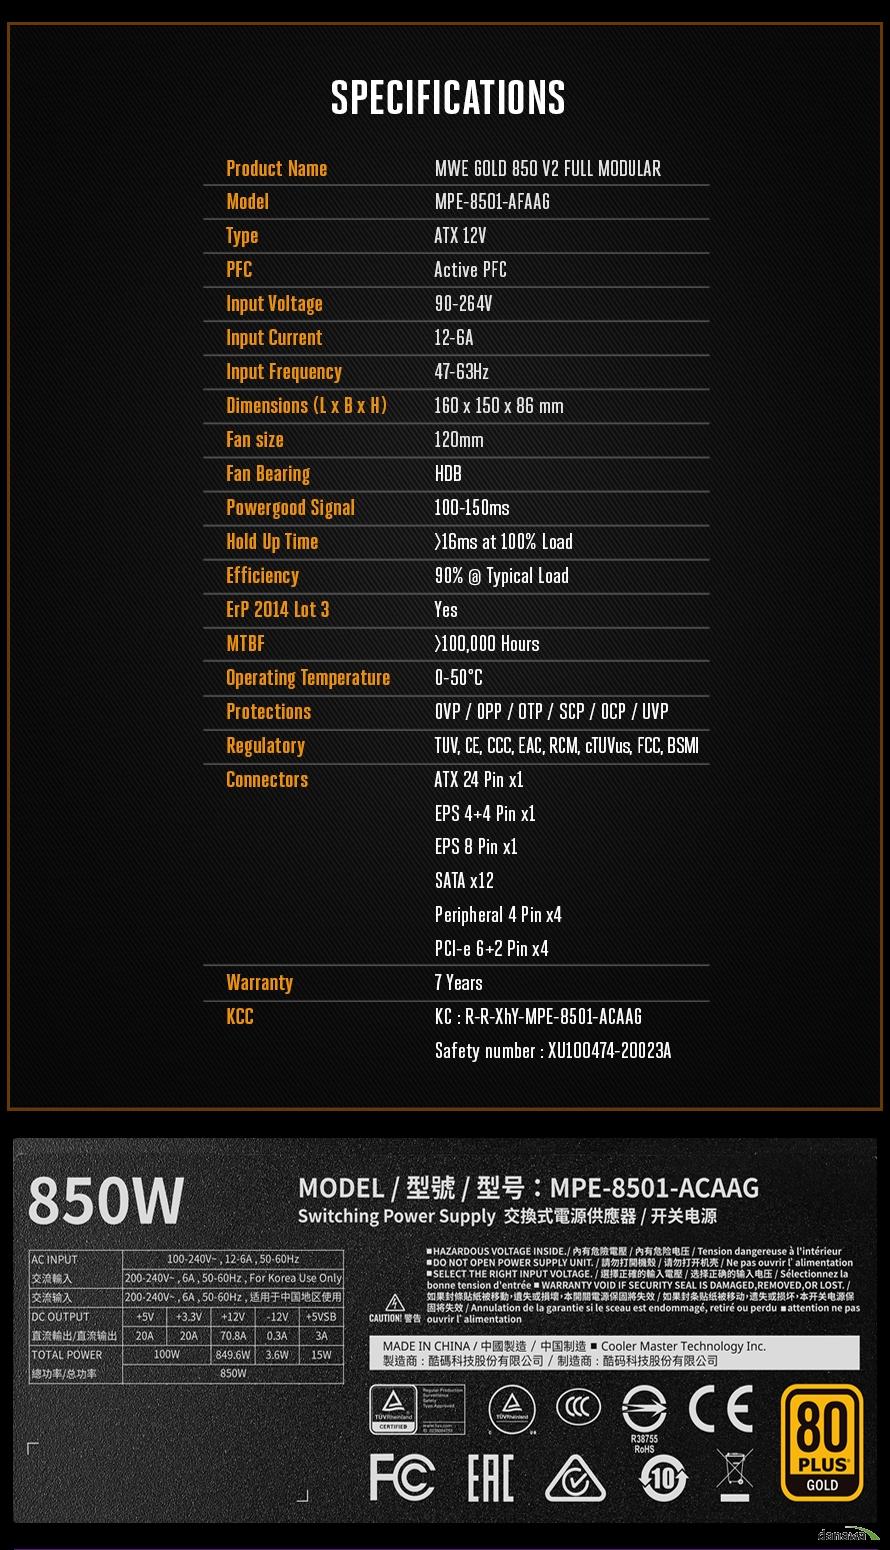 쿨러마스터 MWE GOLD 850 V2 FULL MODULAR